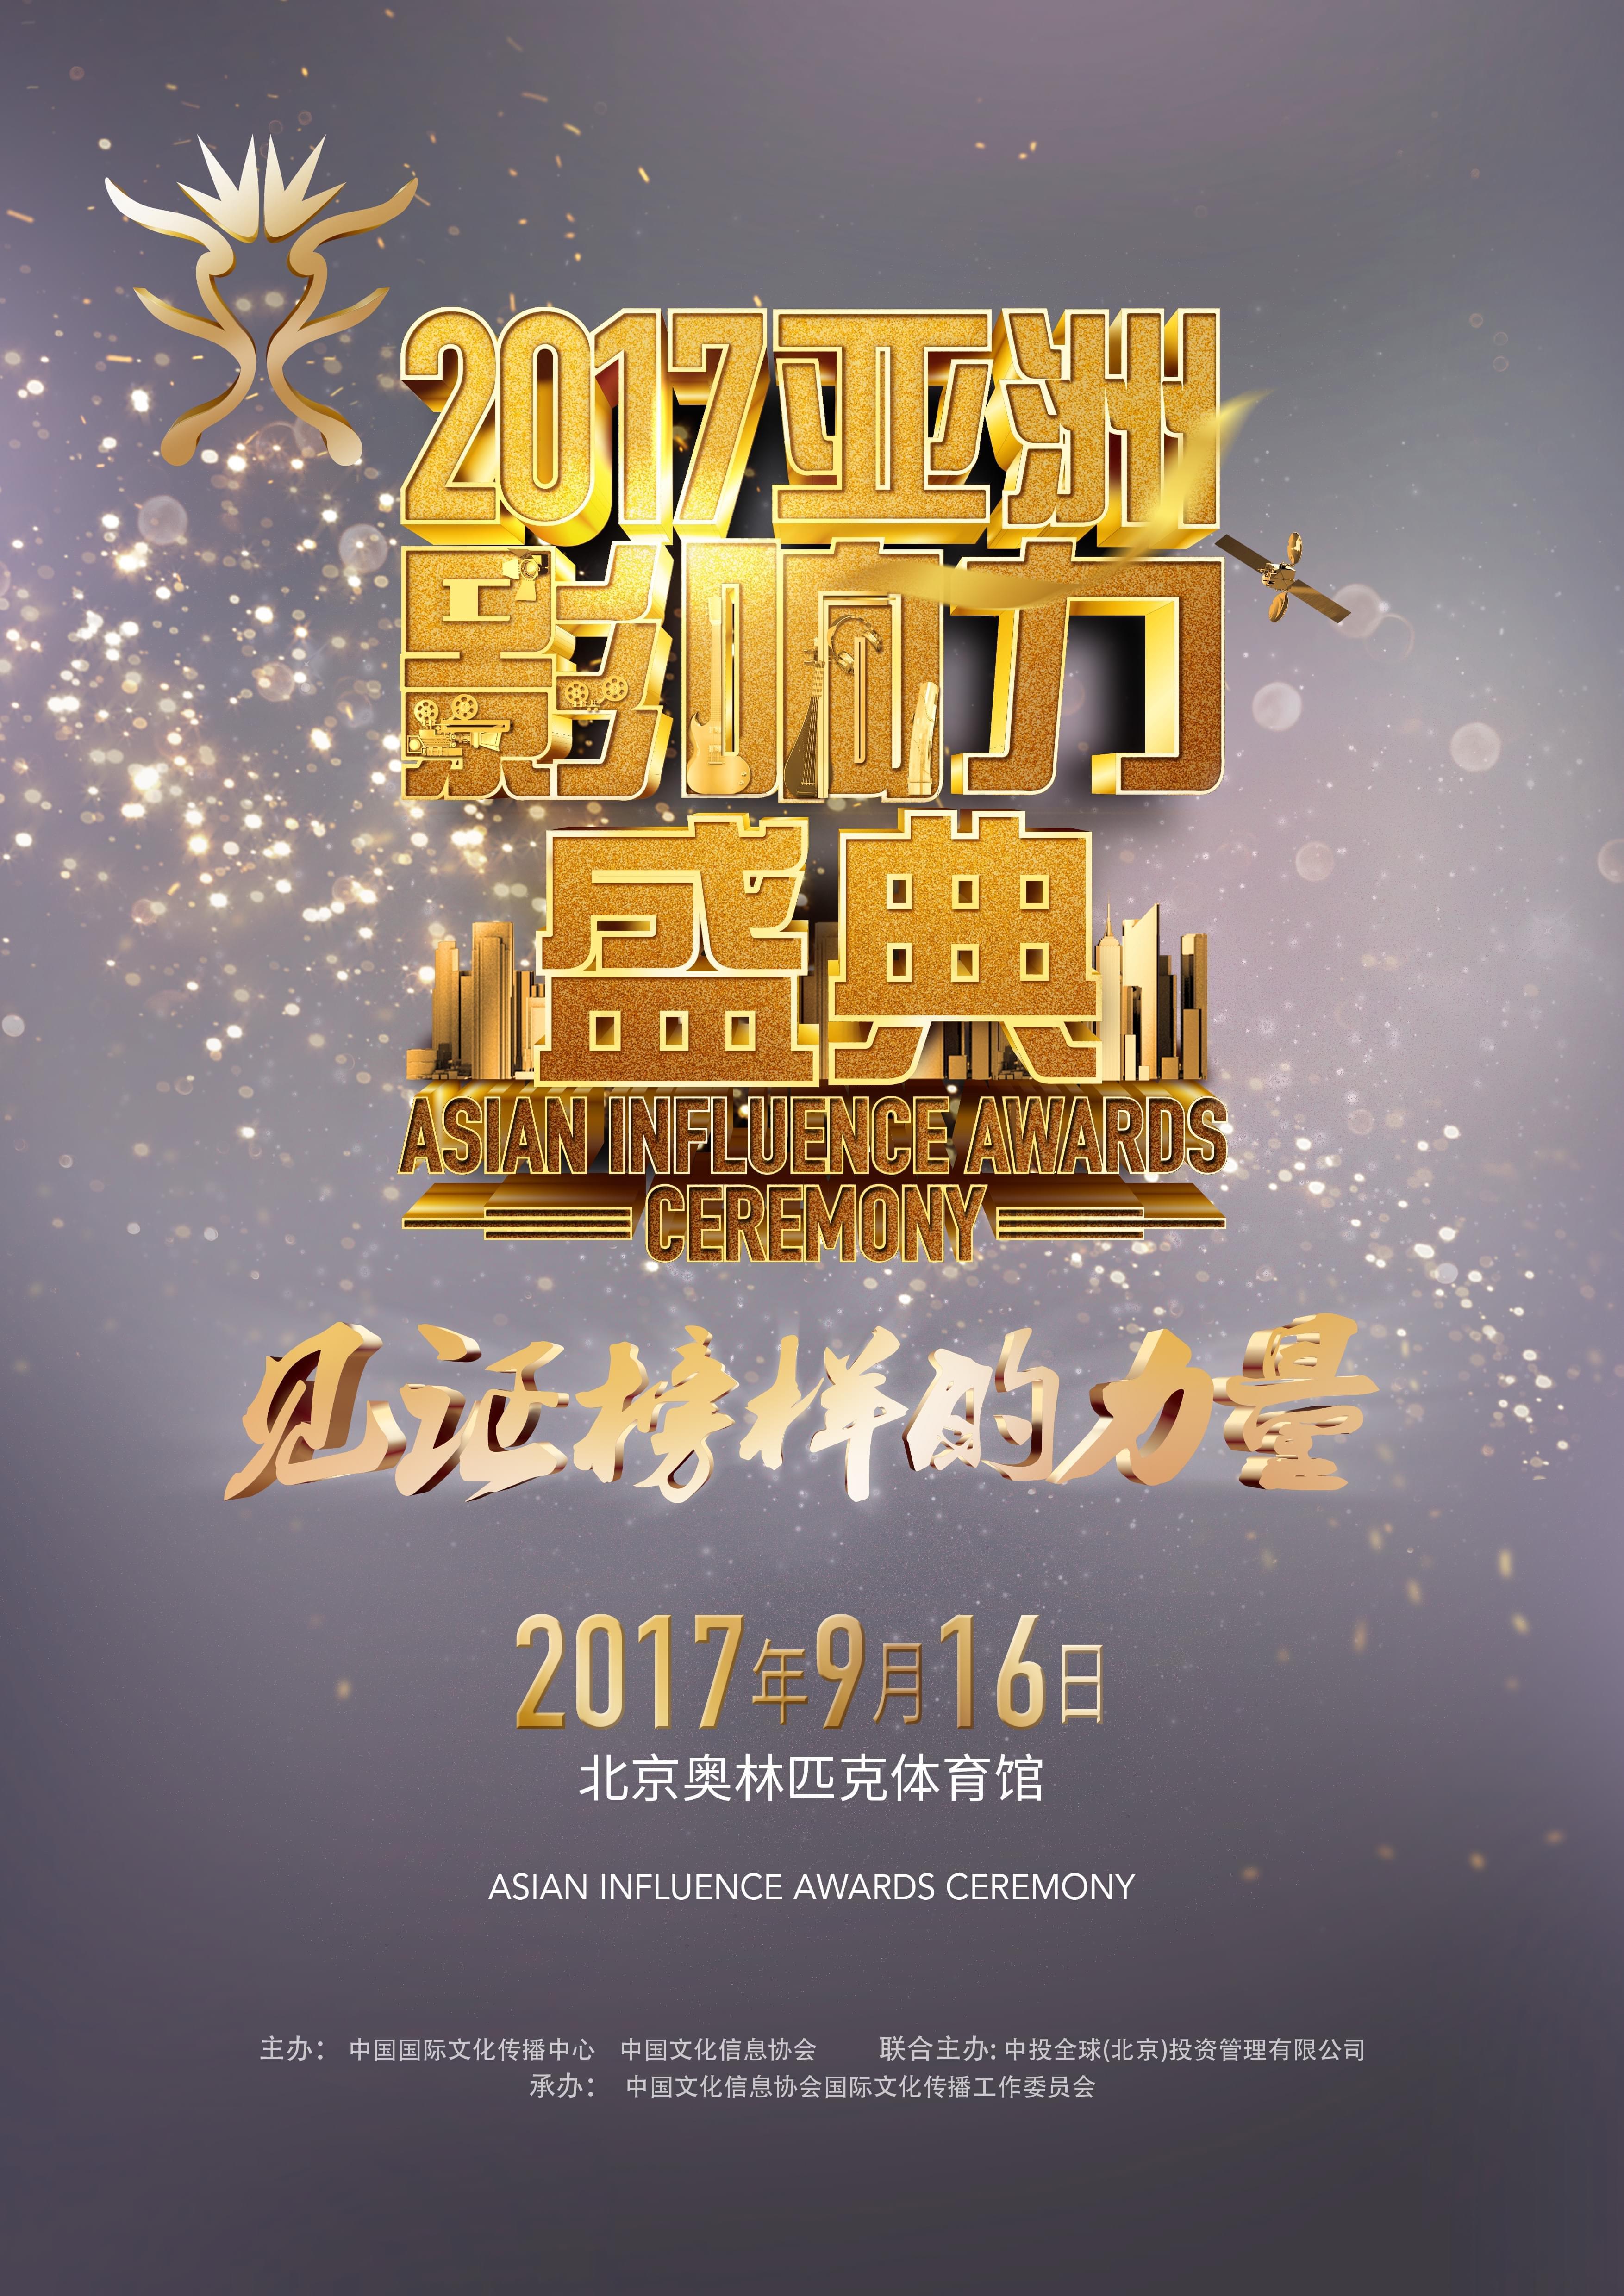 """""""2017亚洲影响力盛典""""荣耀启航 一起见证榜样的力量"""